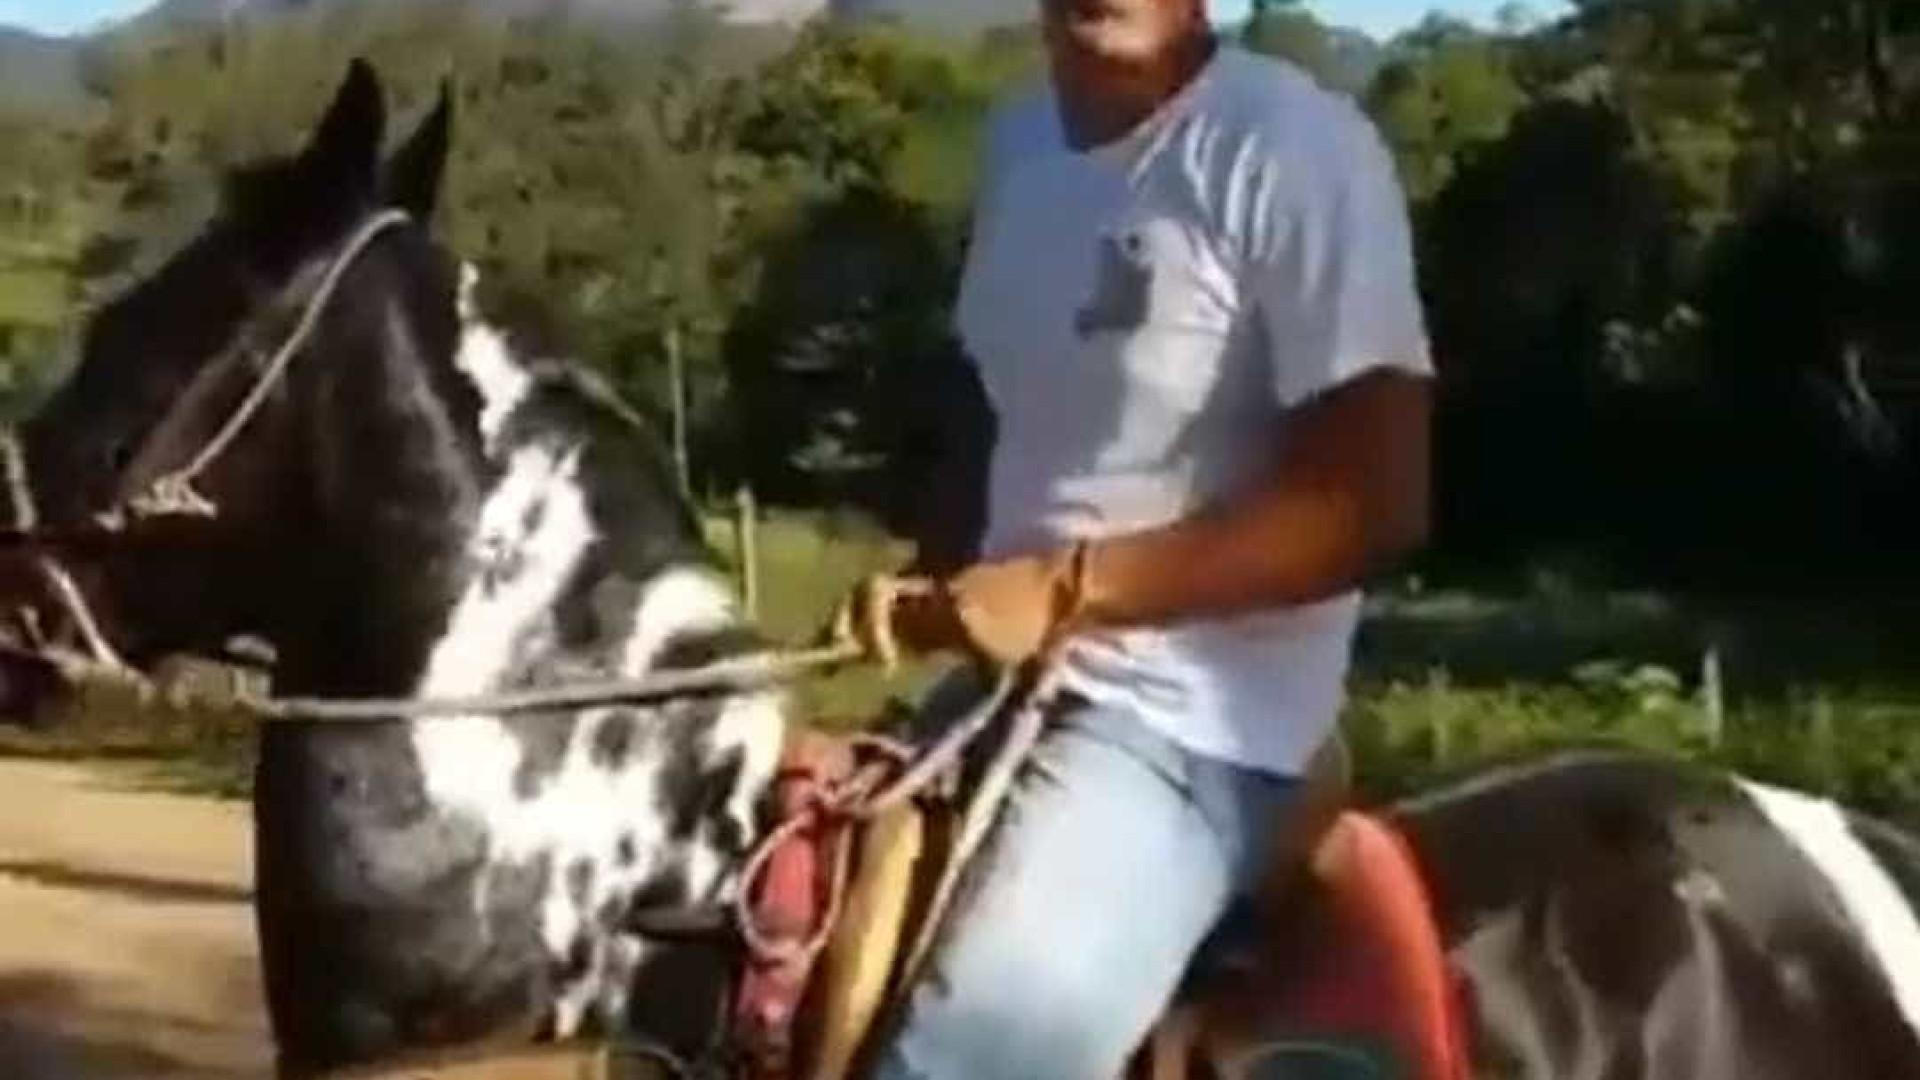 Daciolo surge a cavalo e diz que estava 'no mato adorando o Senhor'